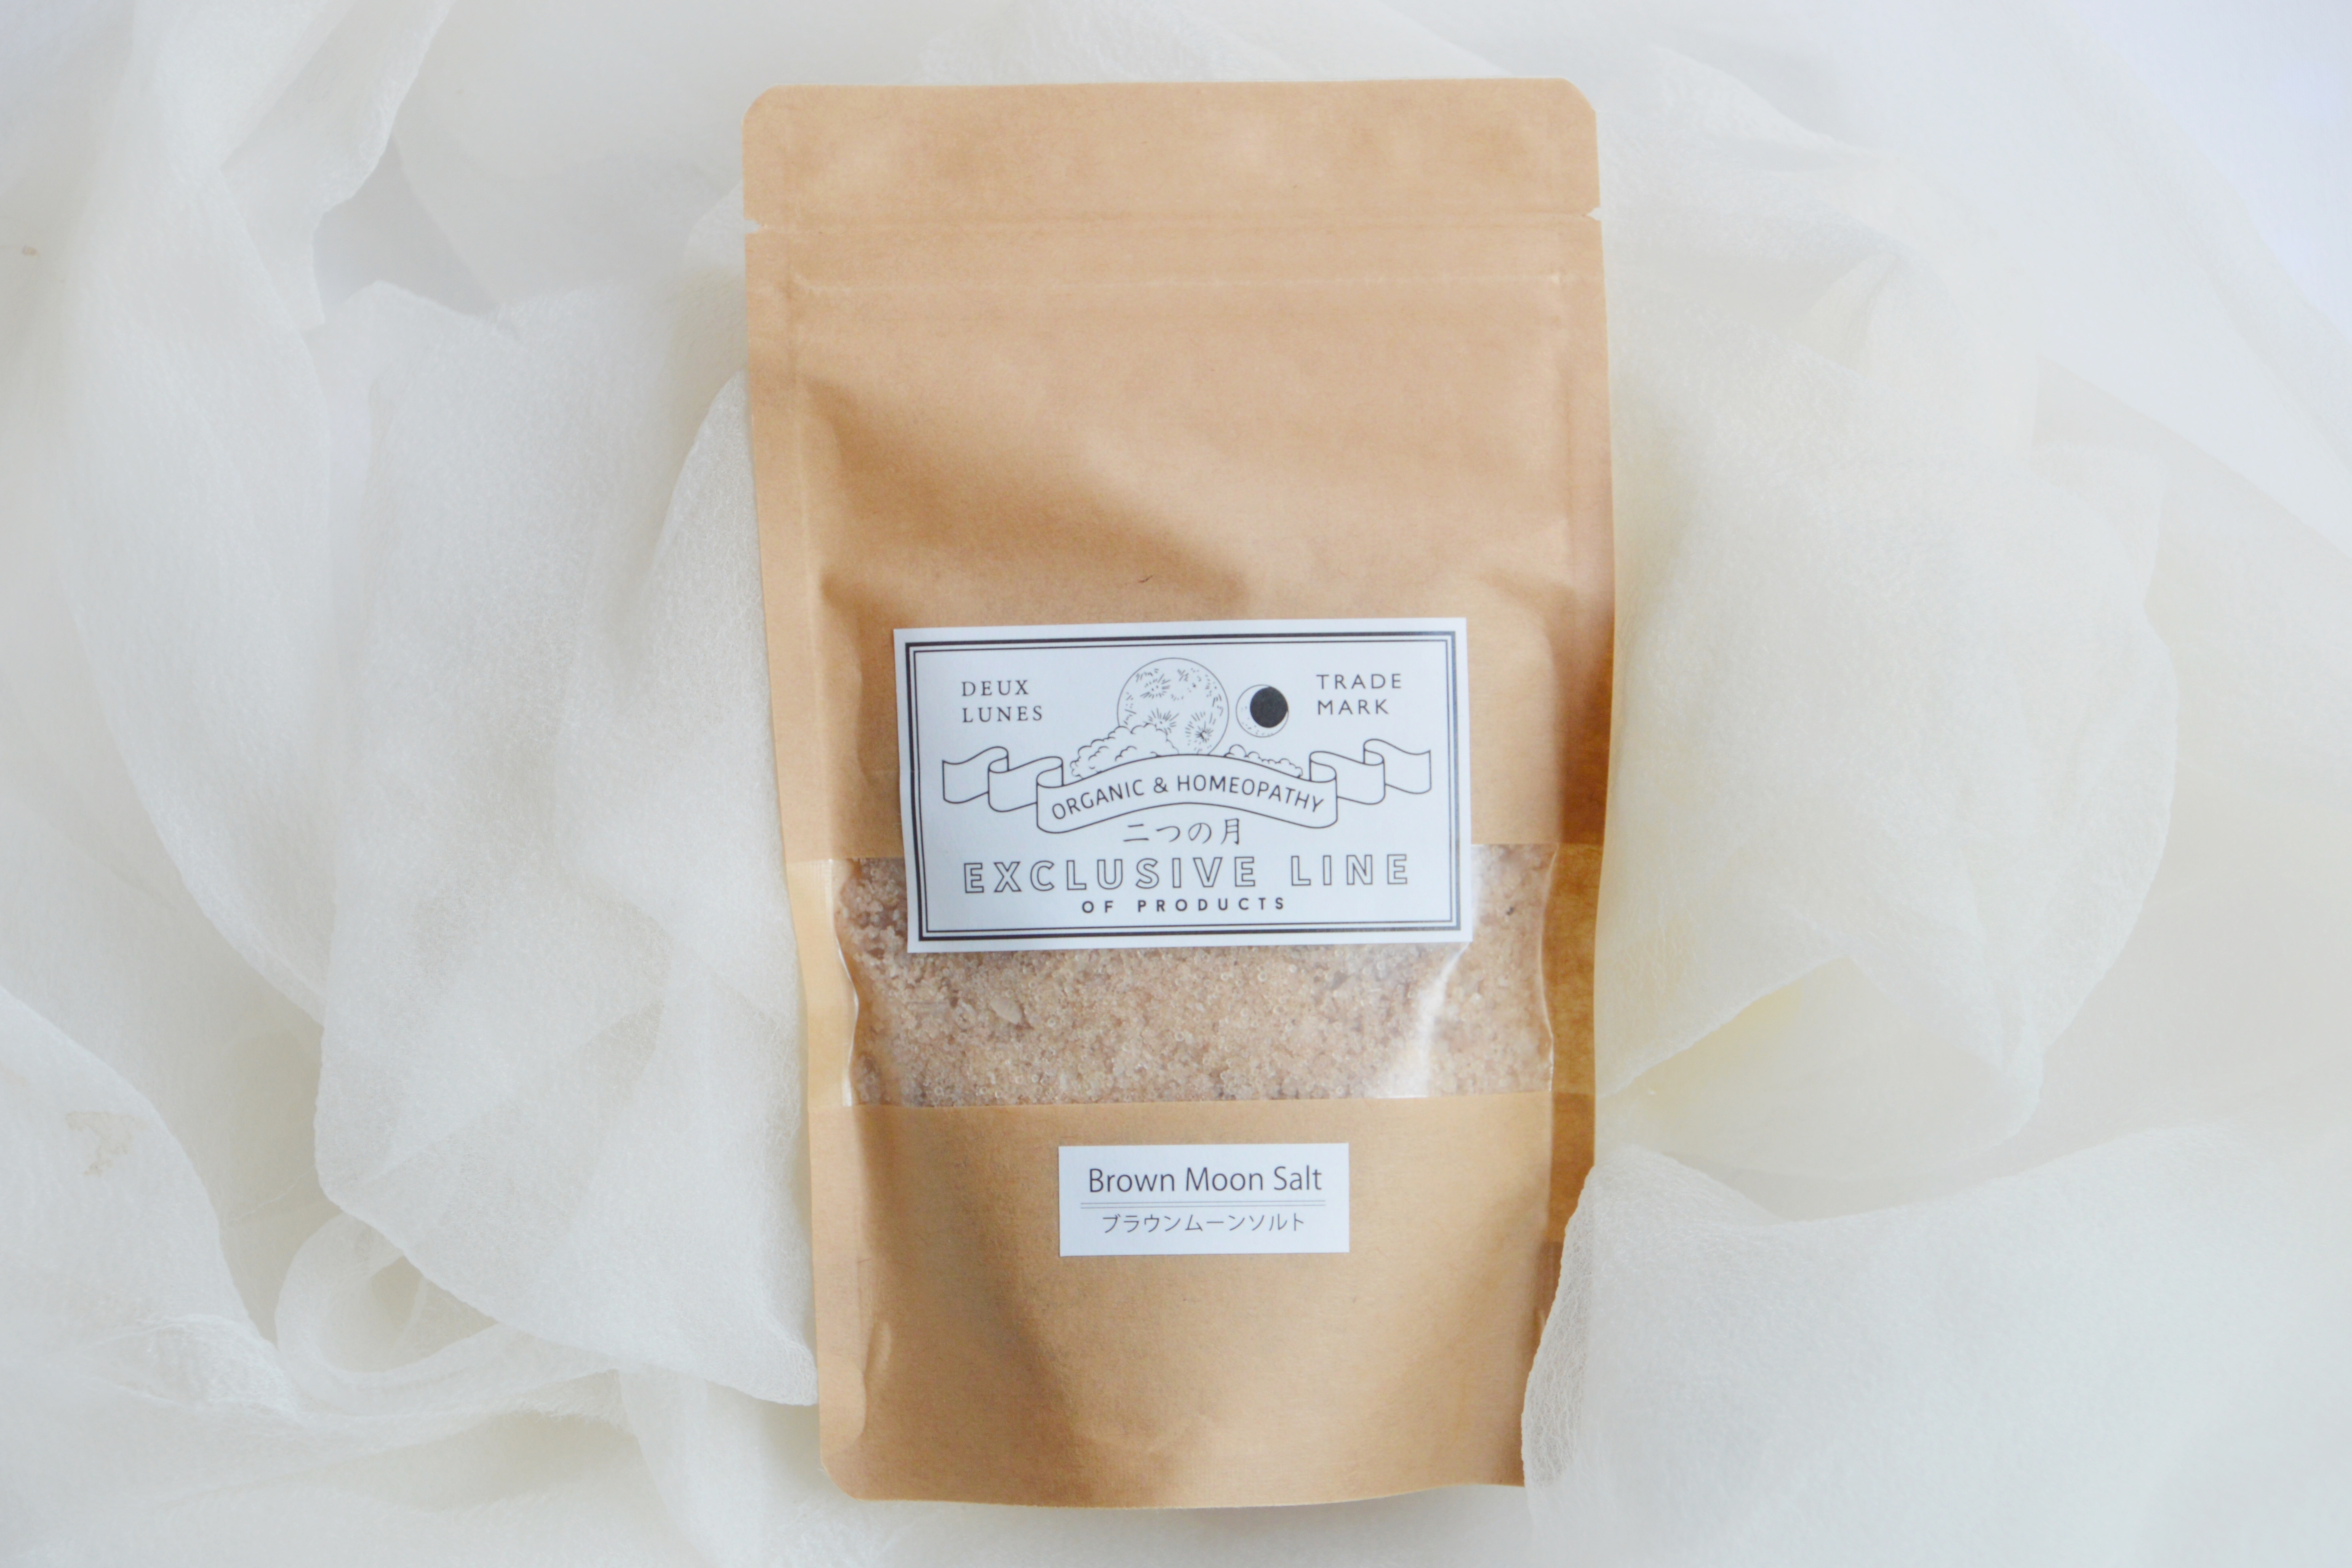 ブラウンムーンソルト(藻塩)180g